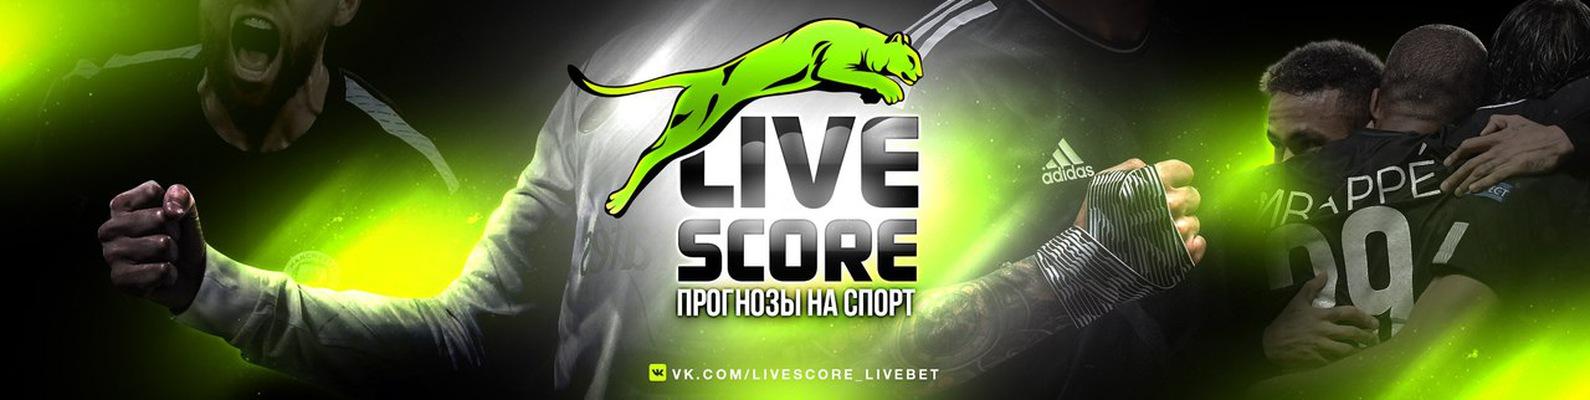 Прогнозы На Спорт Livescore Отзывы